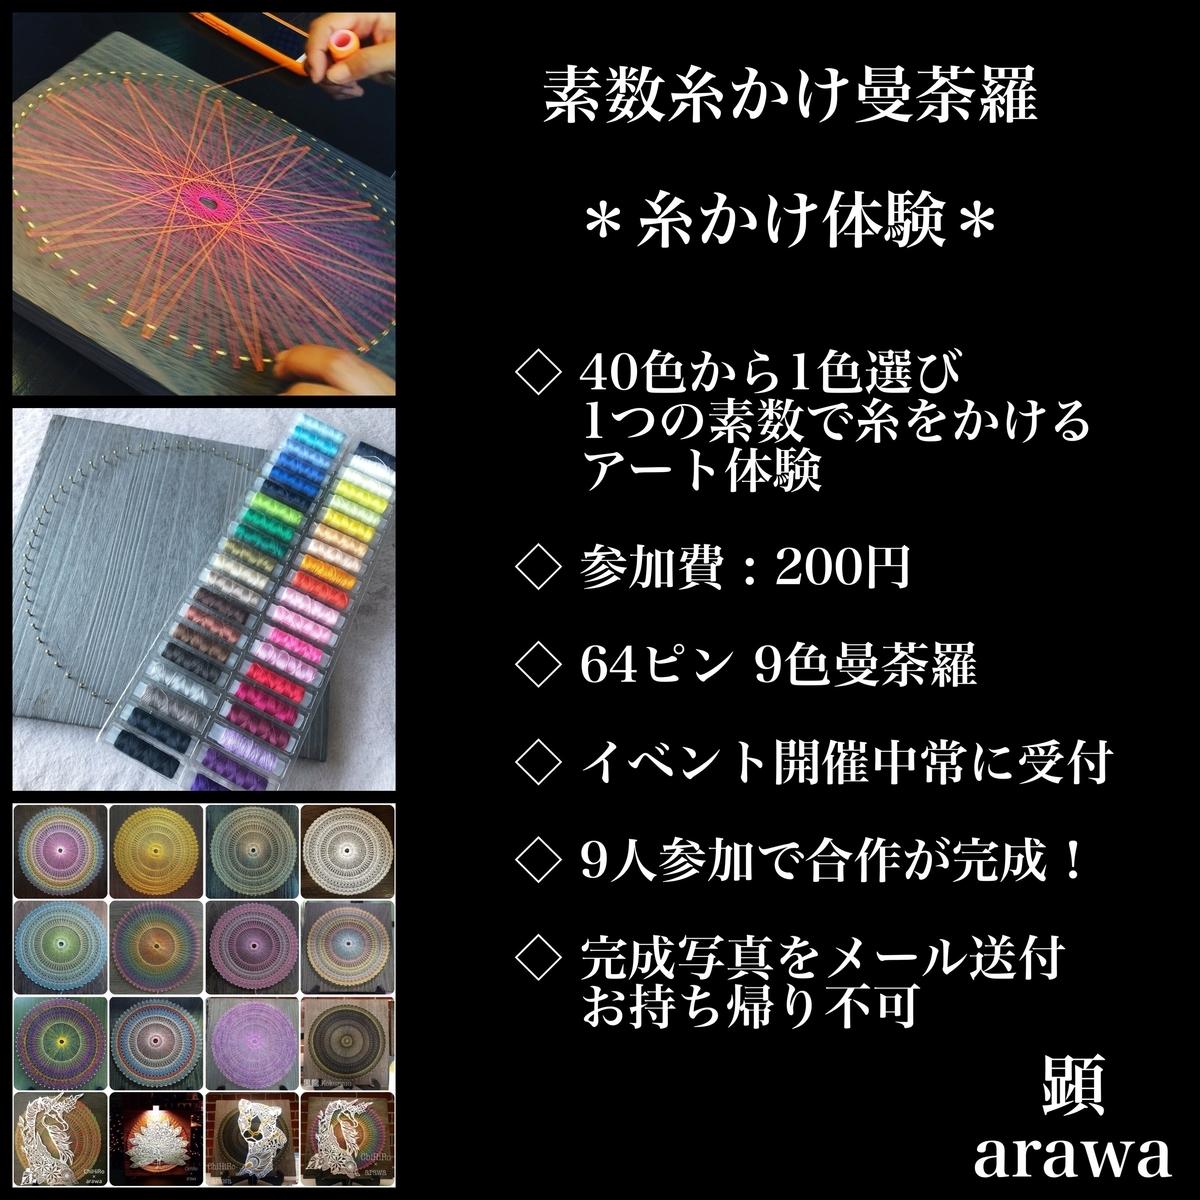 f:id:arawa20160731:20190831172257j:plain